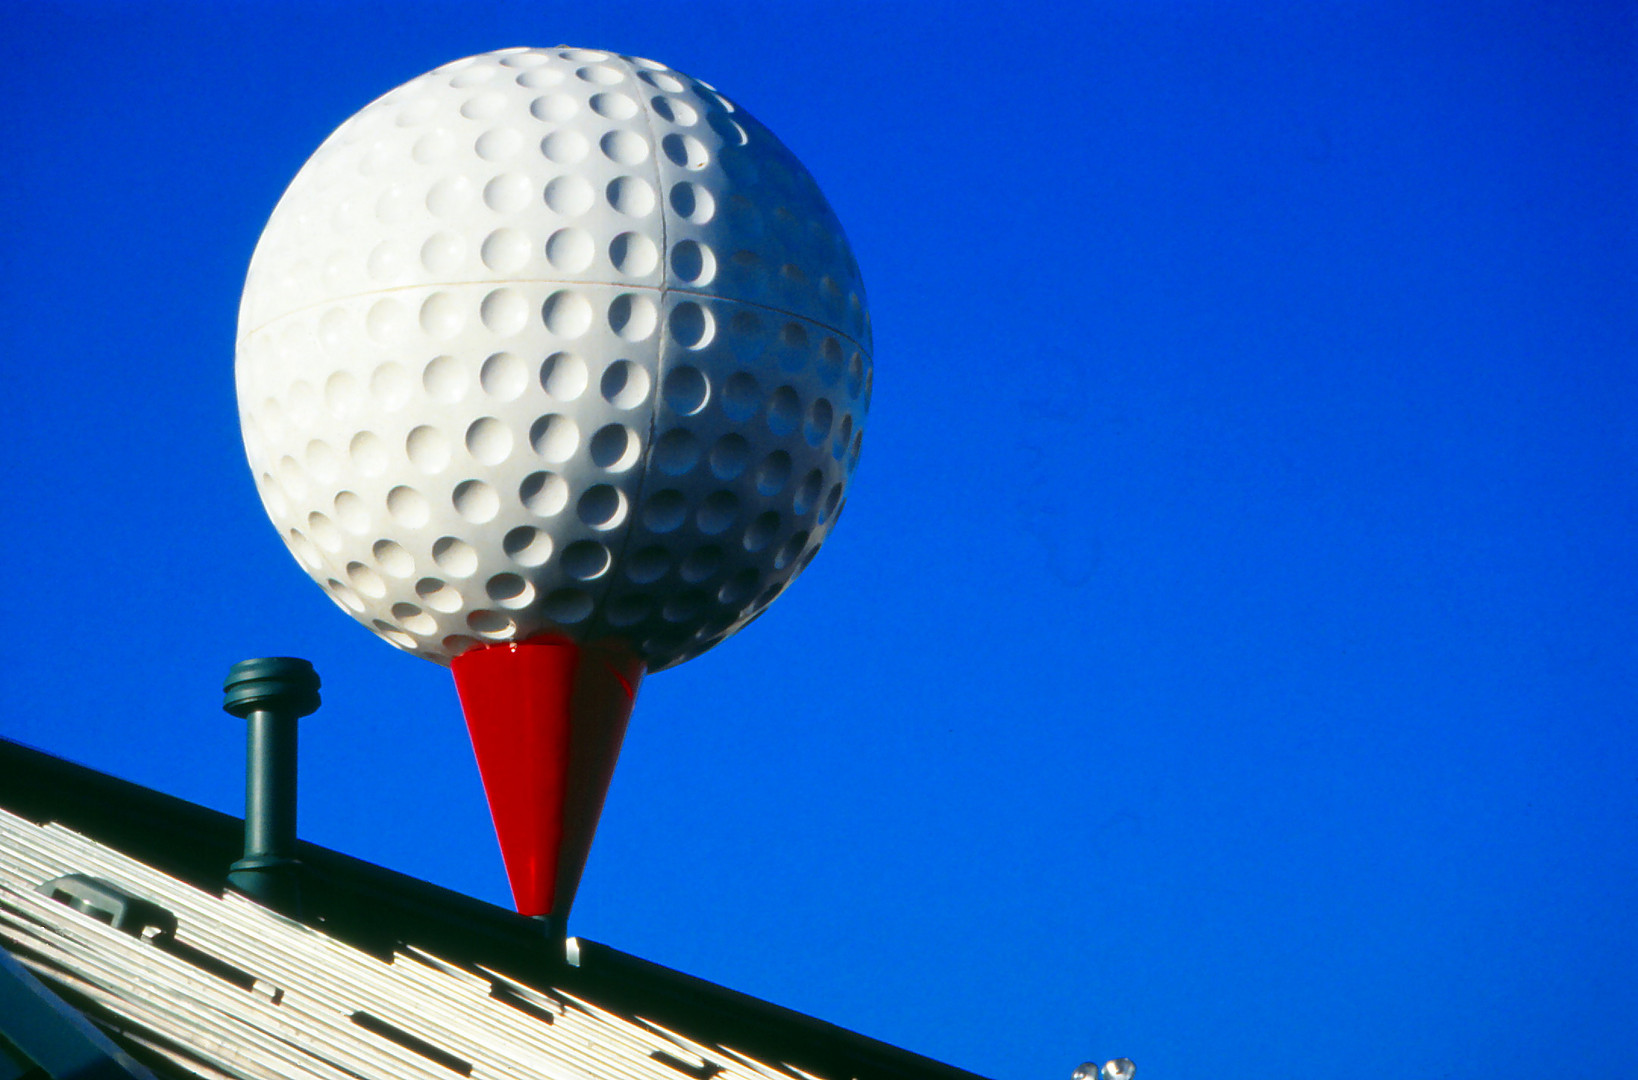 Der gößte golfball der USA